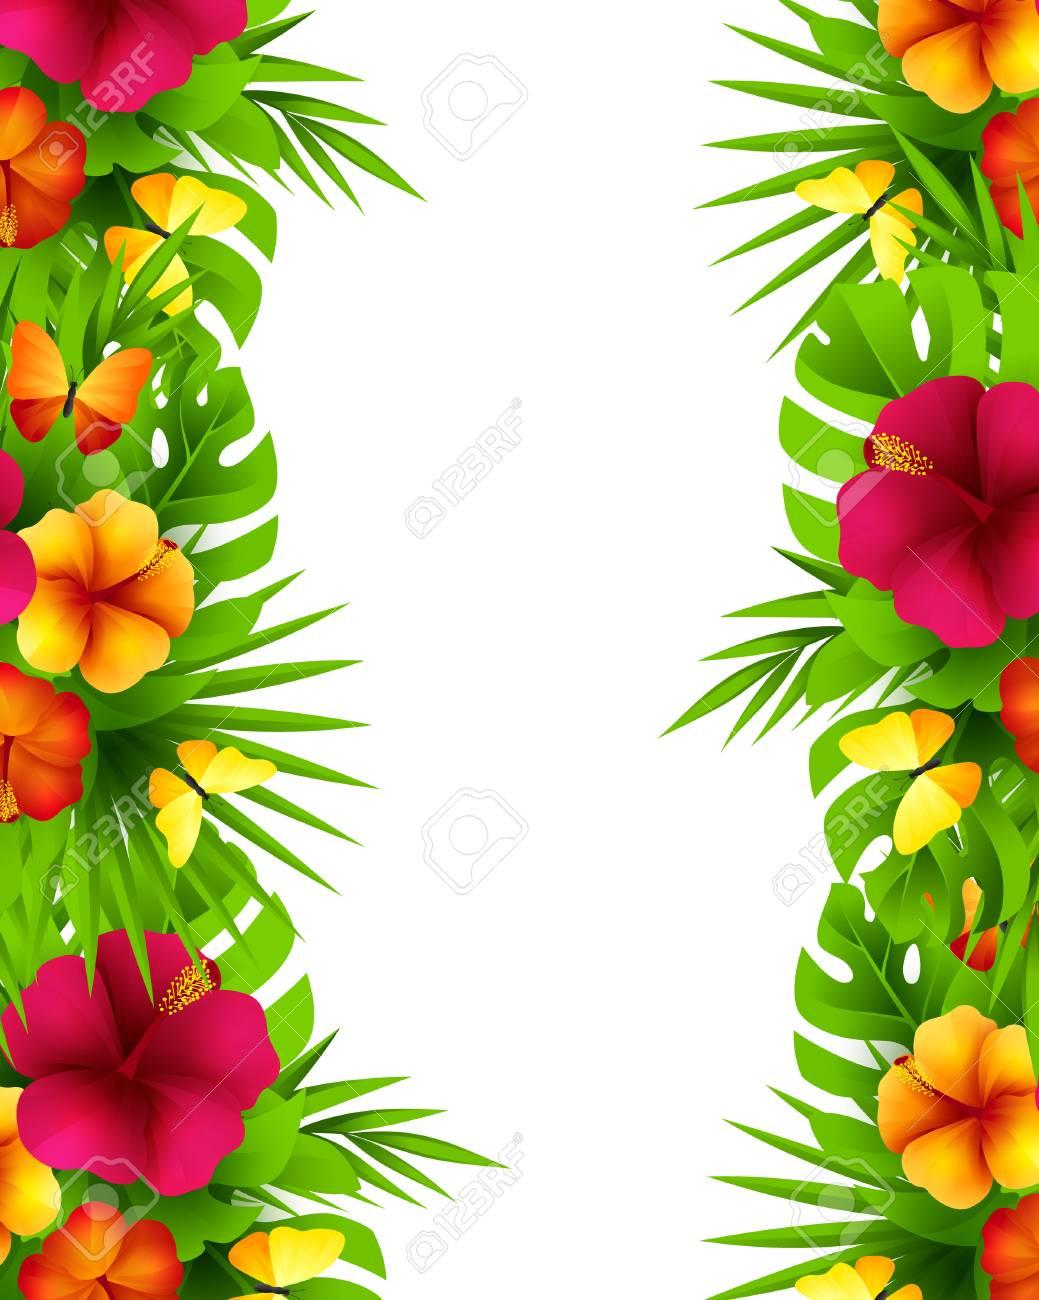 Fondo Hawaiano Tropical Con Hojas De Palmera De La Selva Flores